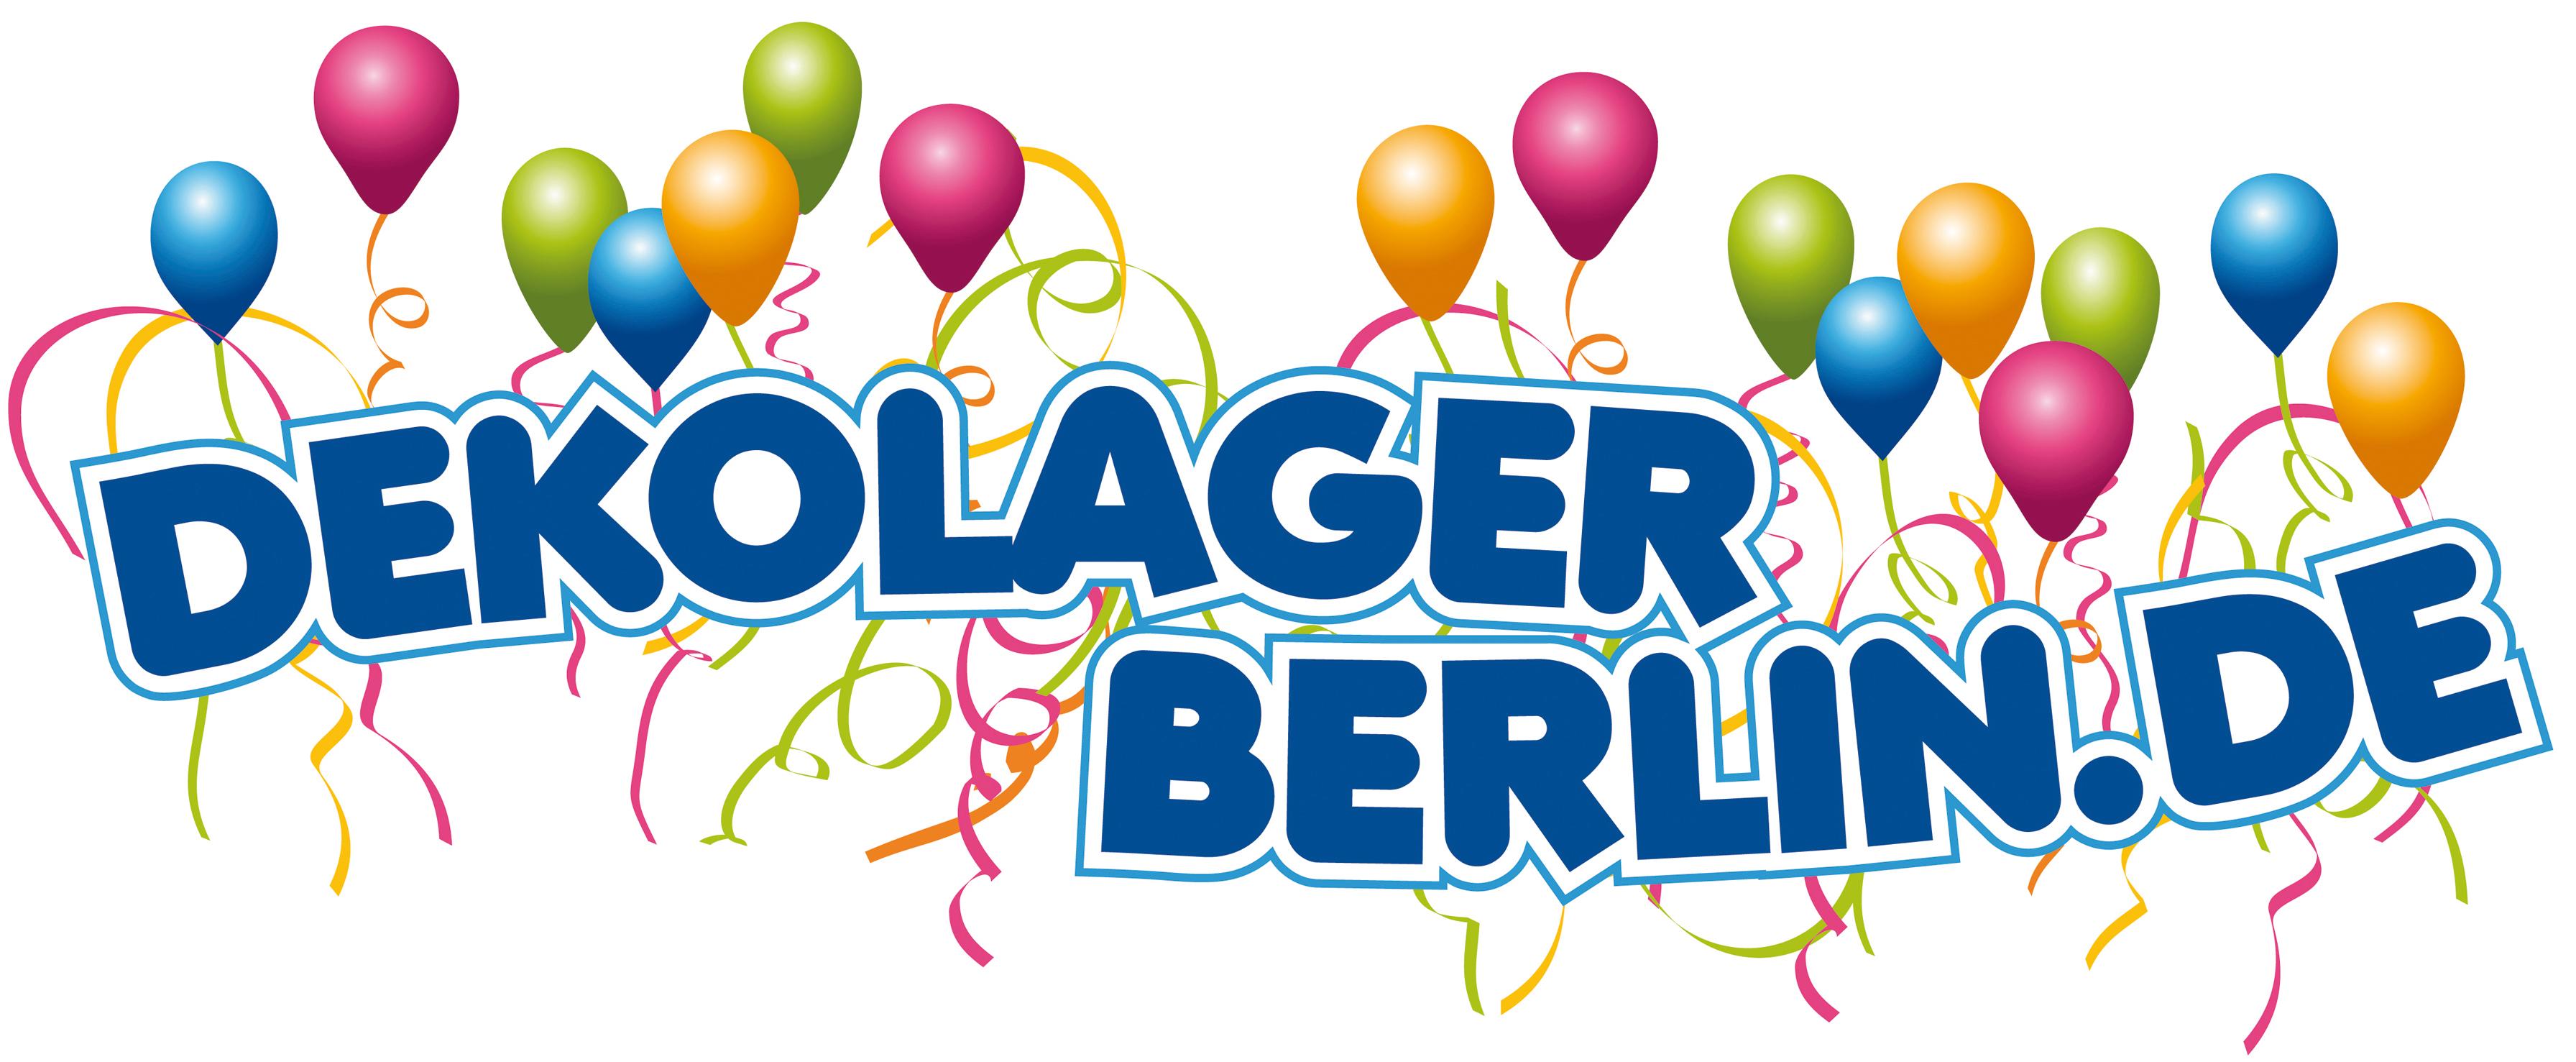 dekolager-logo-logo-gross